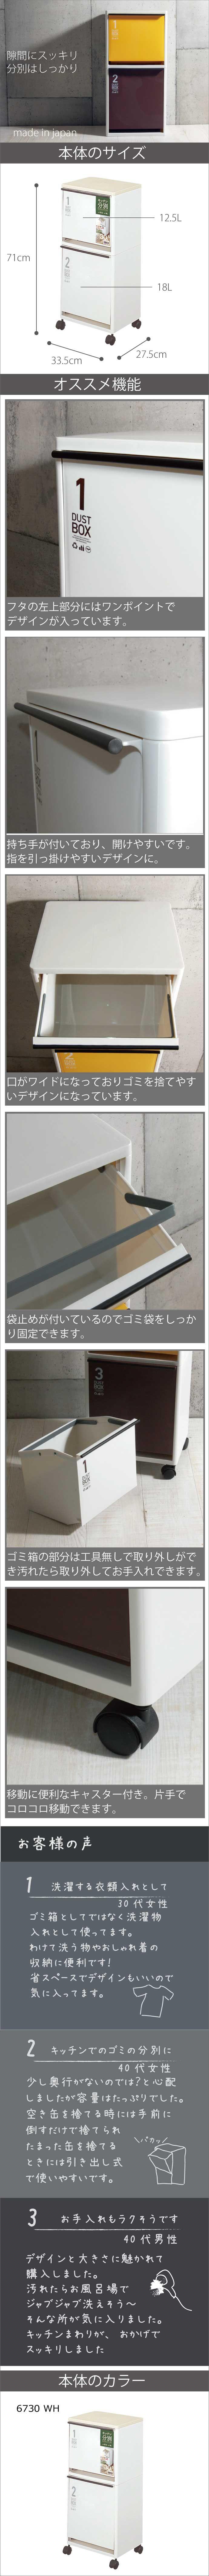 2種類の分別、キッチンで活躍する縦型ゴミ箱。日本製 資源ゴミ分別ワゴン 2段 ゴミ箱 ごみ箱 ダストボックス ふた付き おしゃれ 分別ゴミ箱 屋外ゴミ箱 スリムゴミ箱 キッチンゴミ箱 インテリア雑貨 北欧ゴミ箱 リビングゴミ箱 フロントオープンゴミ箱 縦型 かわいい デザイン 生ごみ カウンター 2分別 アスベル